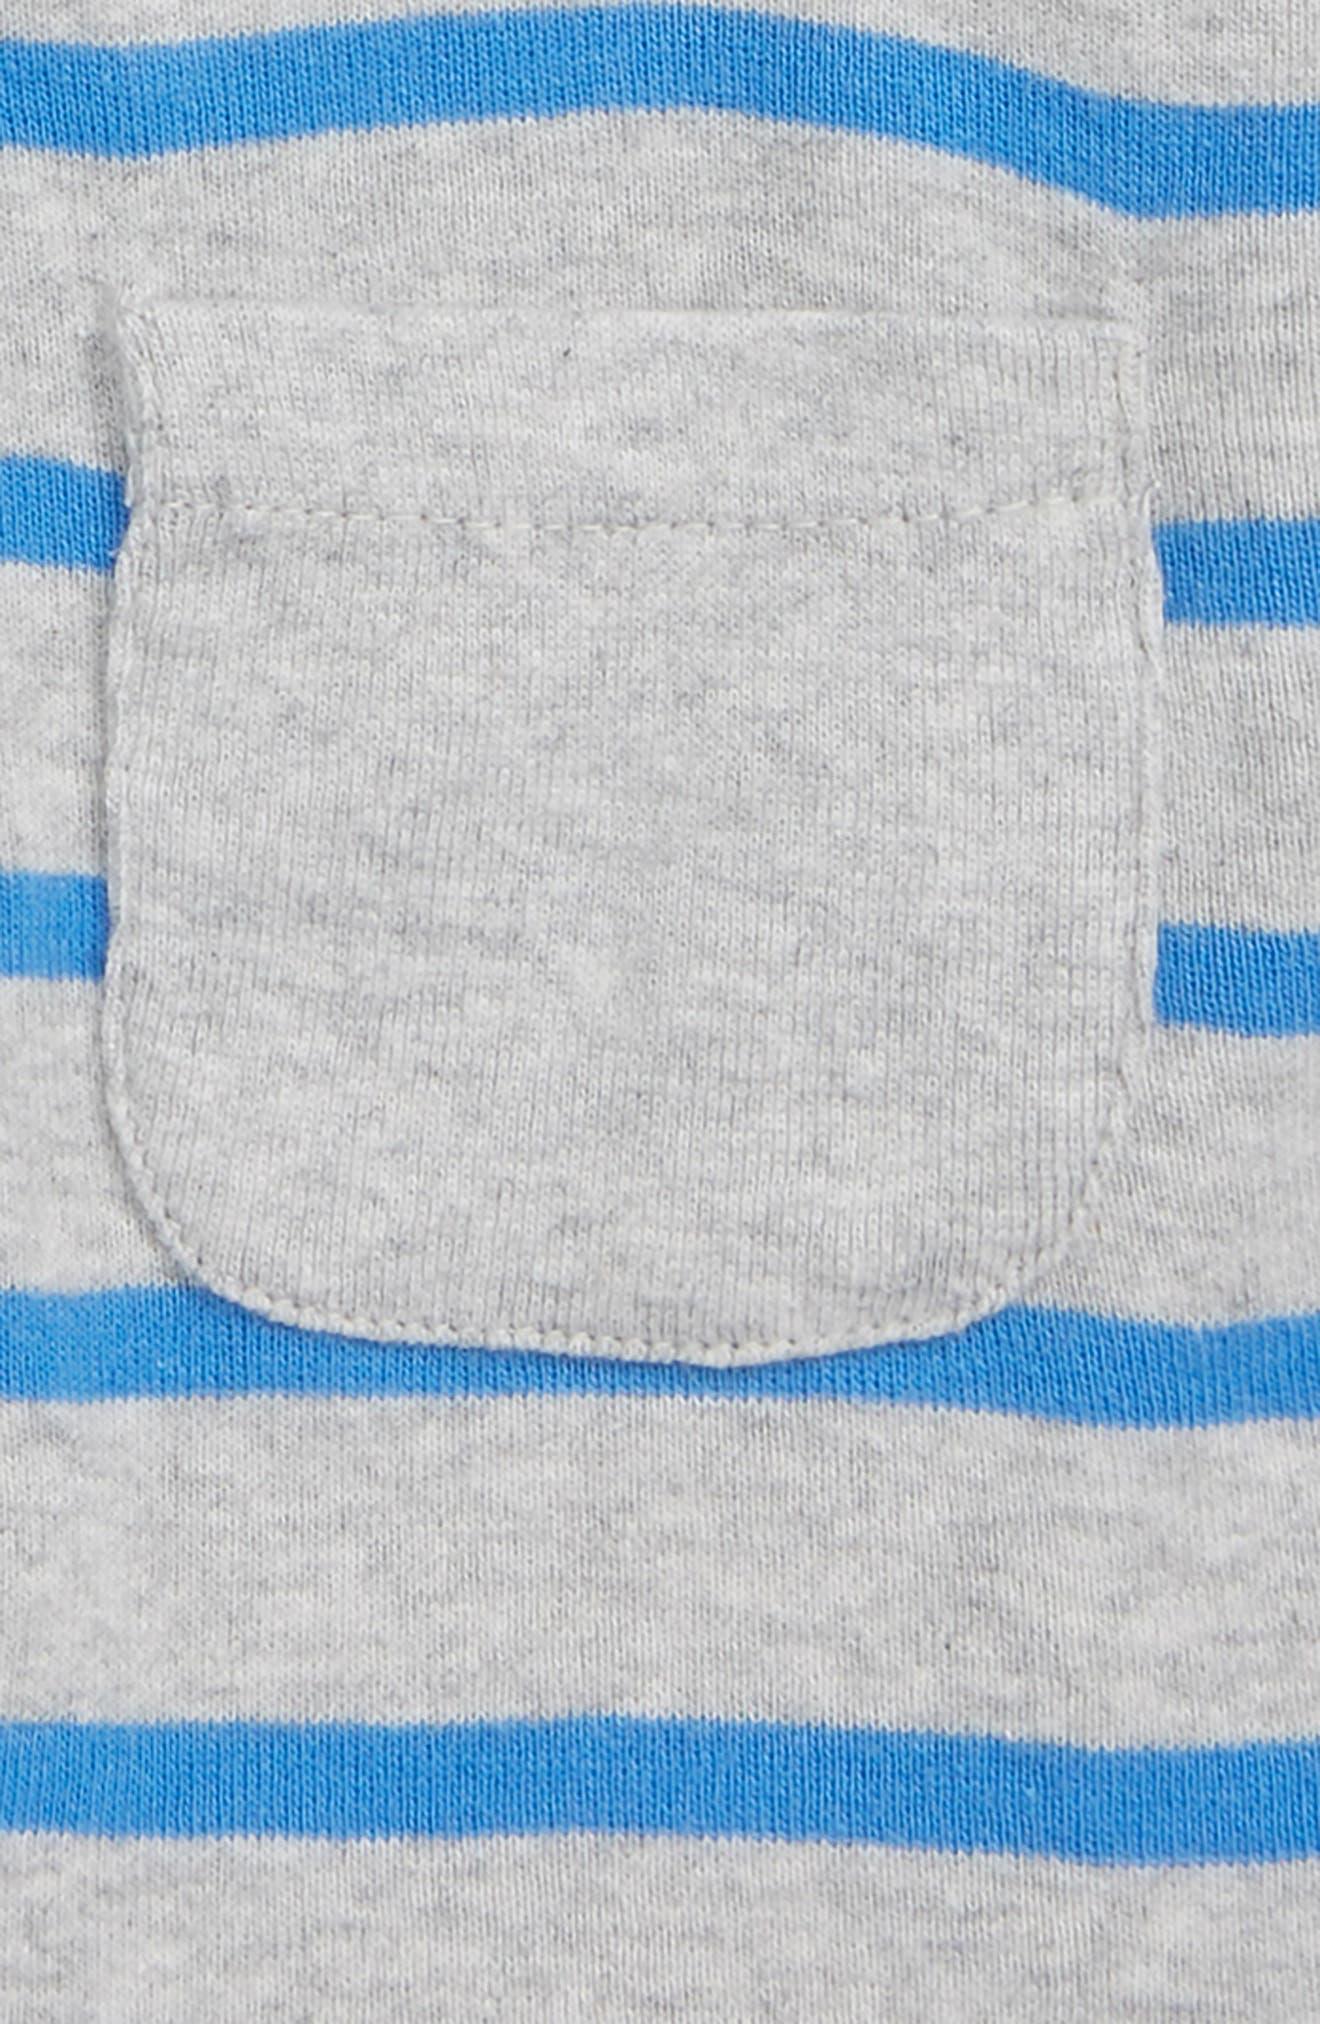 NORDSTROM BABY,                             Stripe Hooded Romper,                             Alternate thumbnail 2, color,                             451